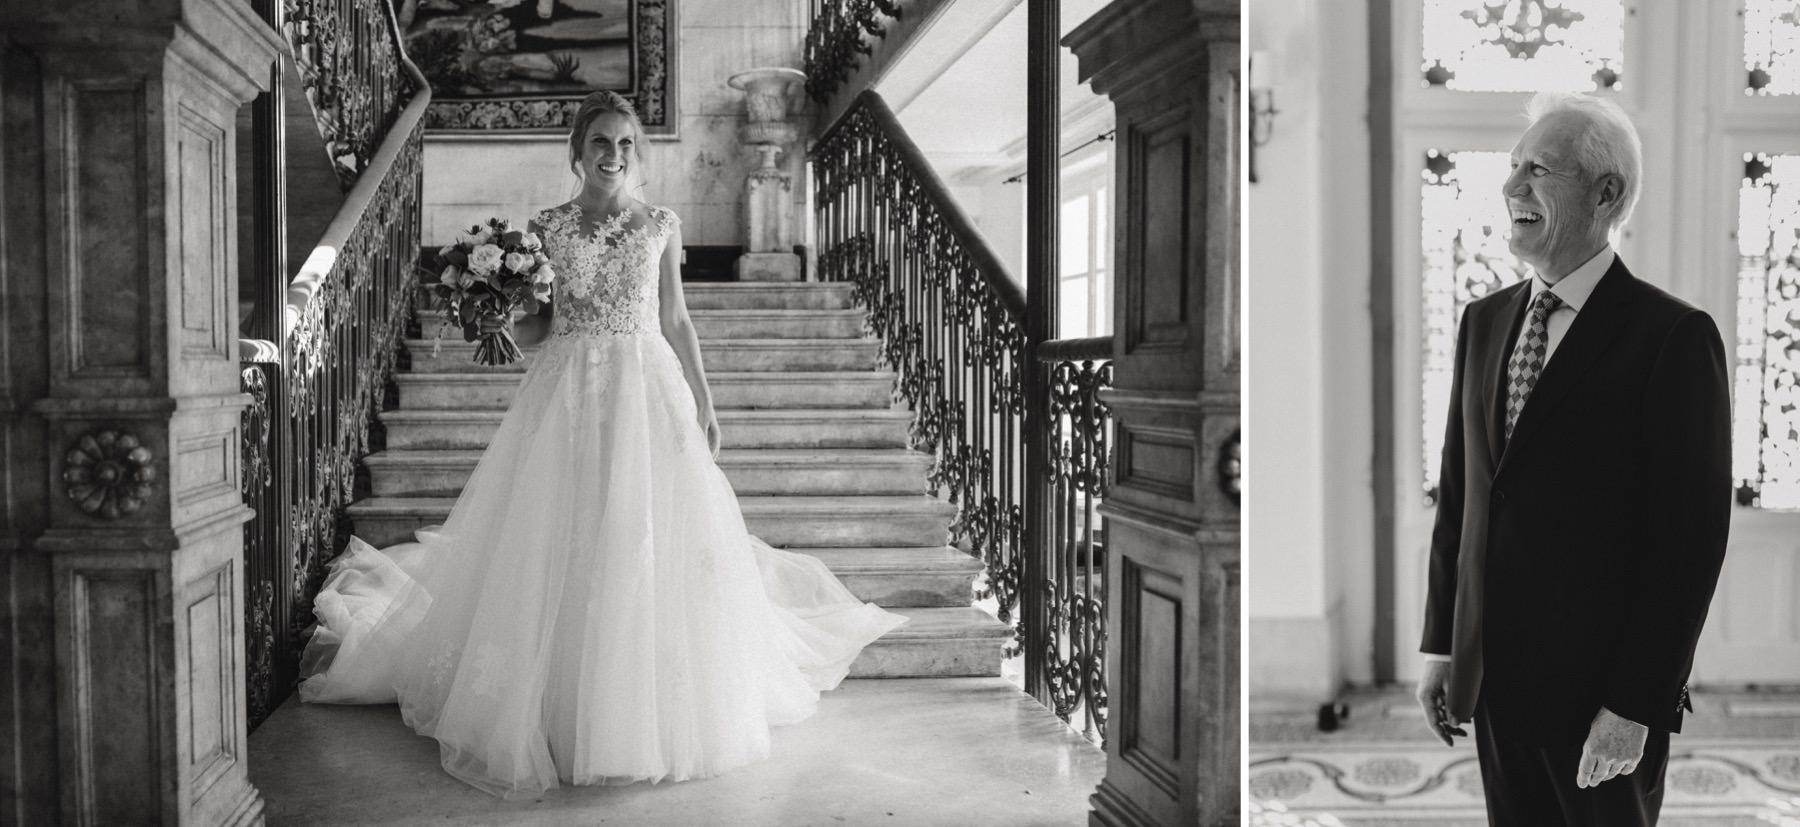 Chateau de Varennes bride